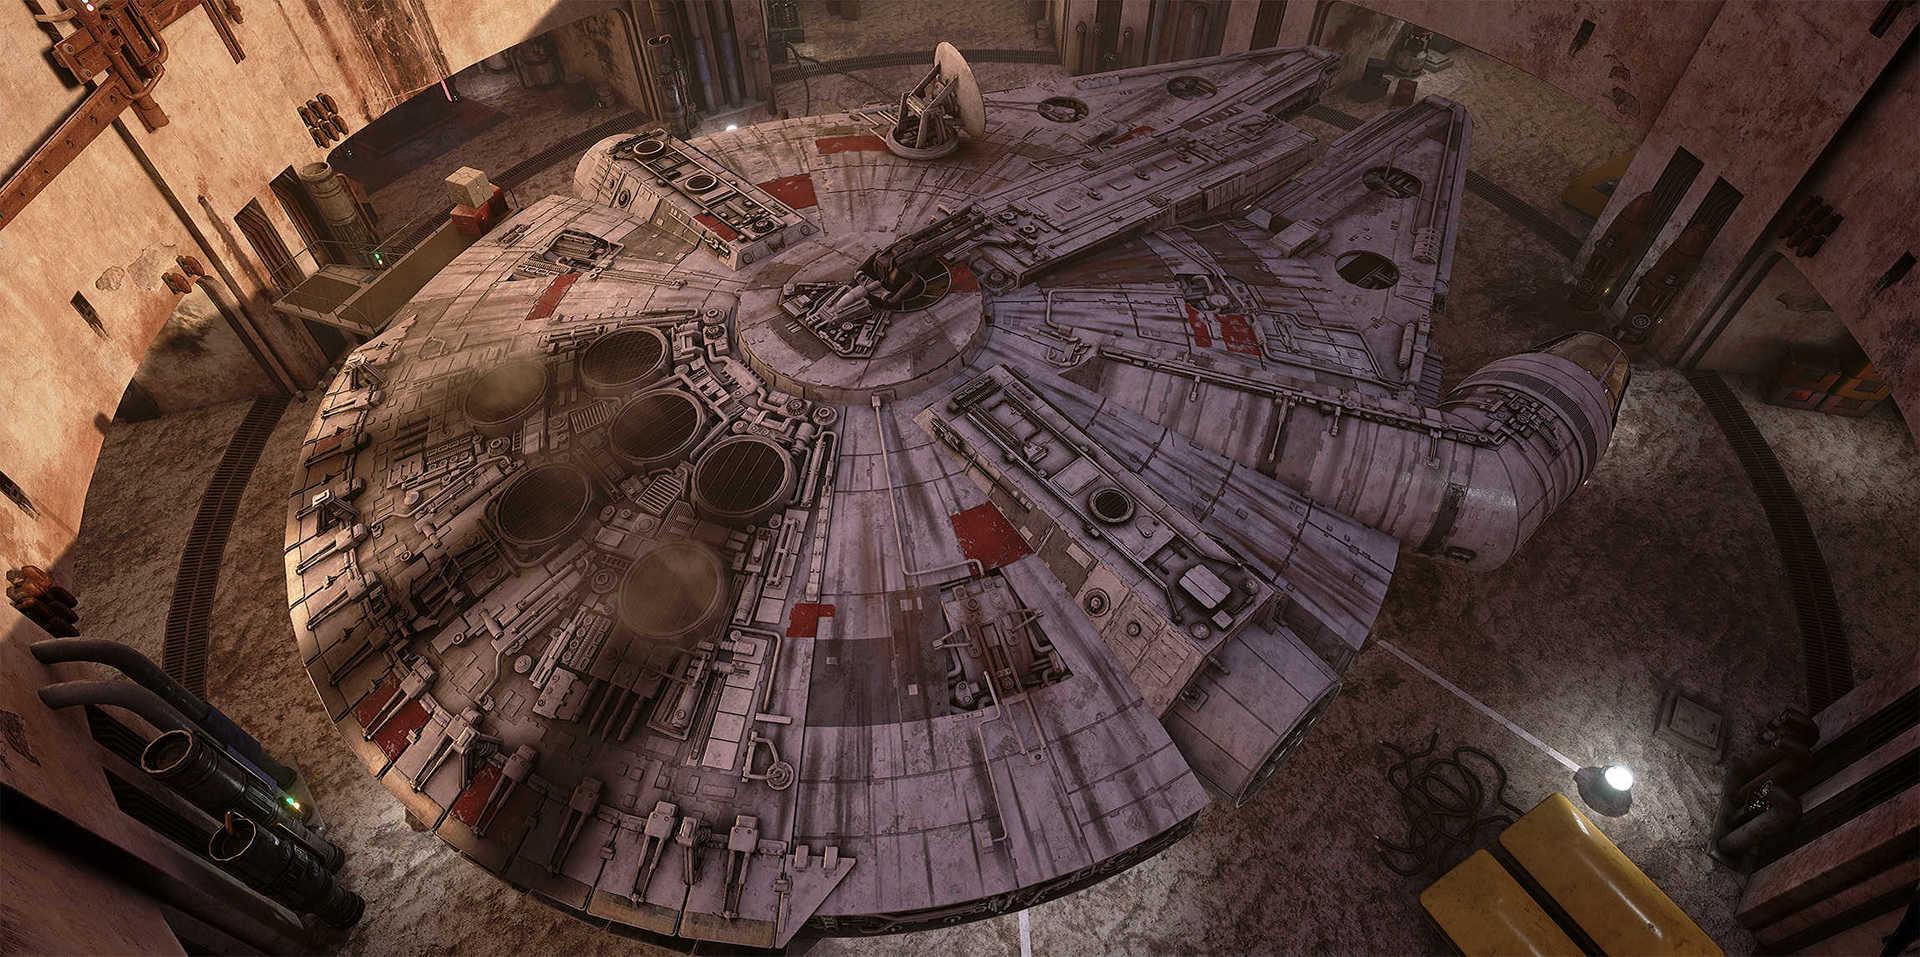 Создание сцены из Star Wars в Unreal Engine 4 - 7